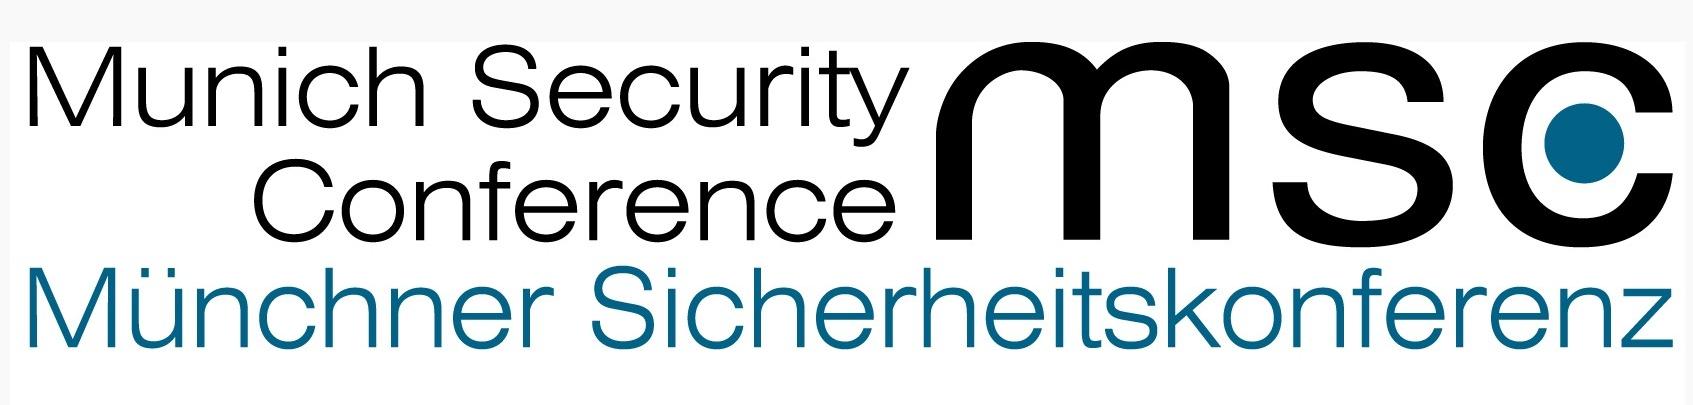 کنفرانس امنیتی مونیخ در تهران برگزار میشود